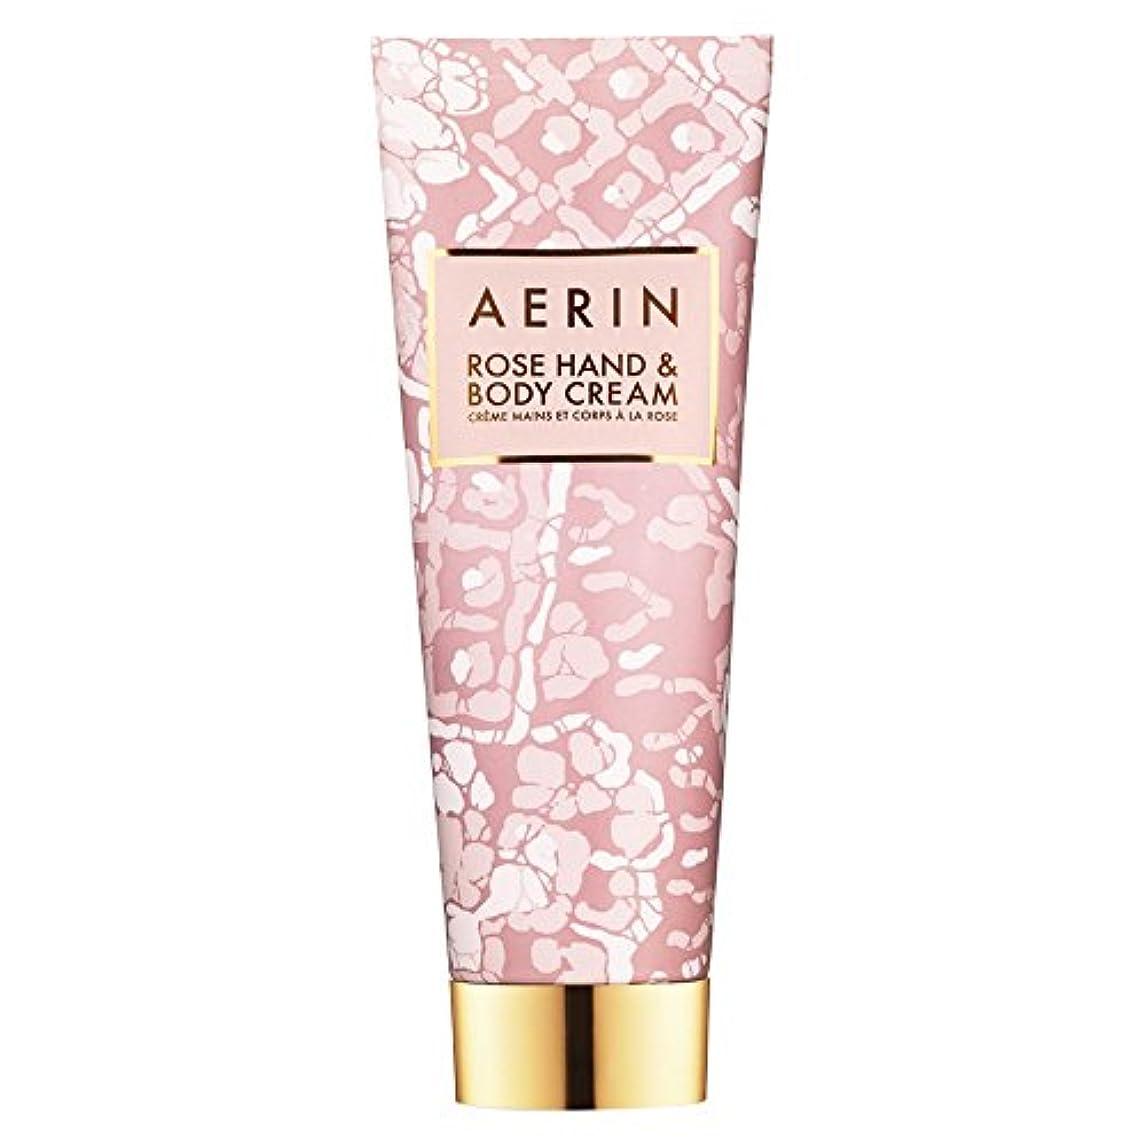 マーチャンダイジンググラフィック粒Aerinはハンド&ボディクリーム125ミリリットルをバラ (AERIN) (x2) - AERIN Rose Hand & Body Cream 125ml (Pack of 2) [並行輸入品]